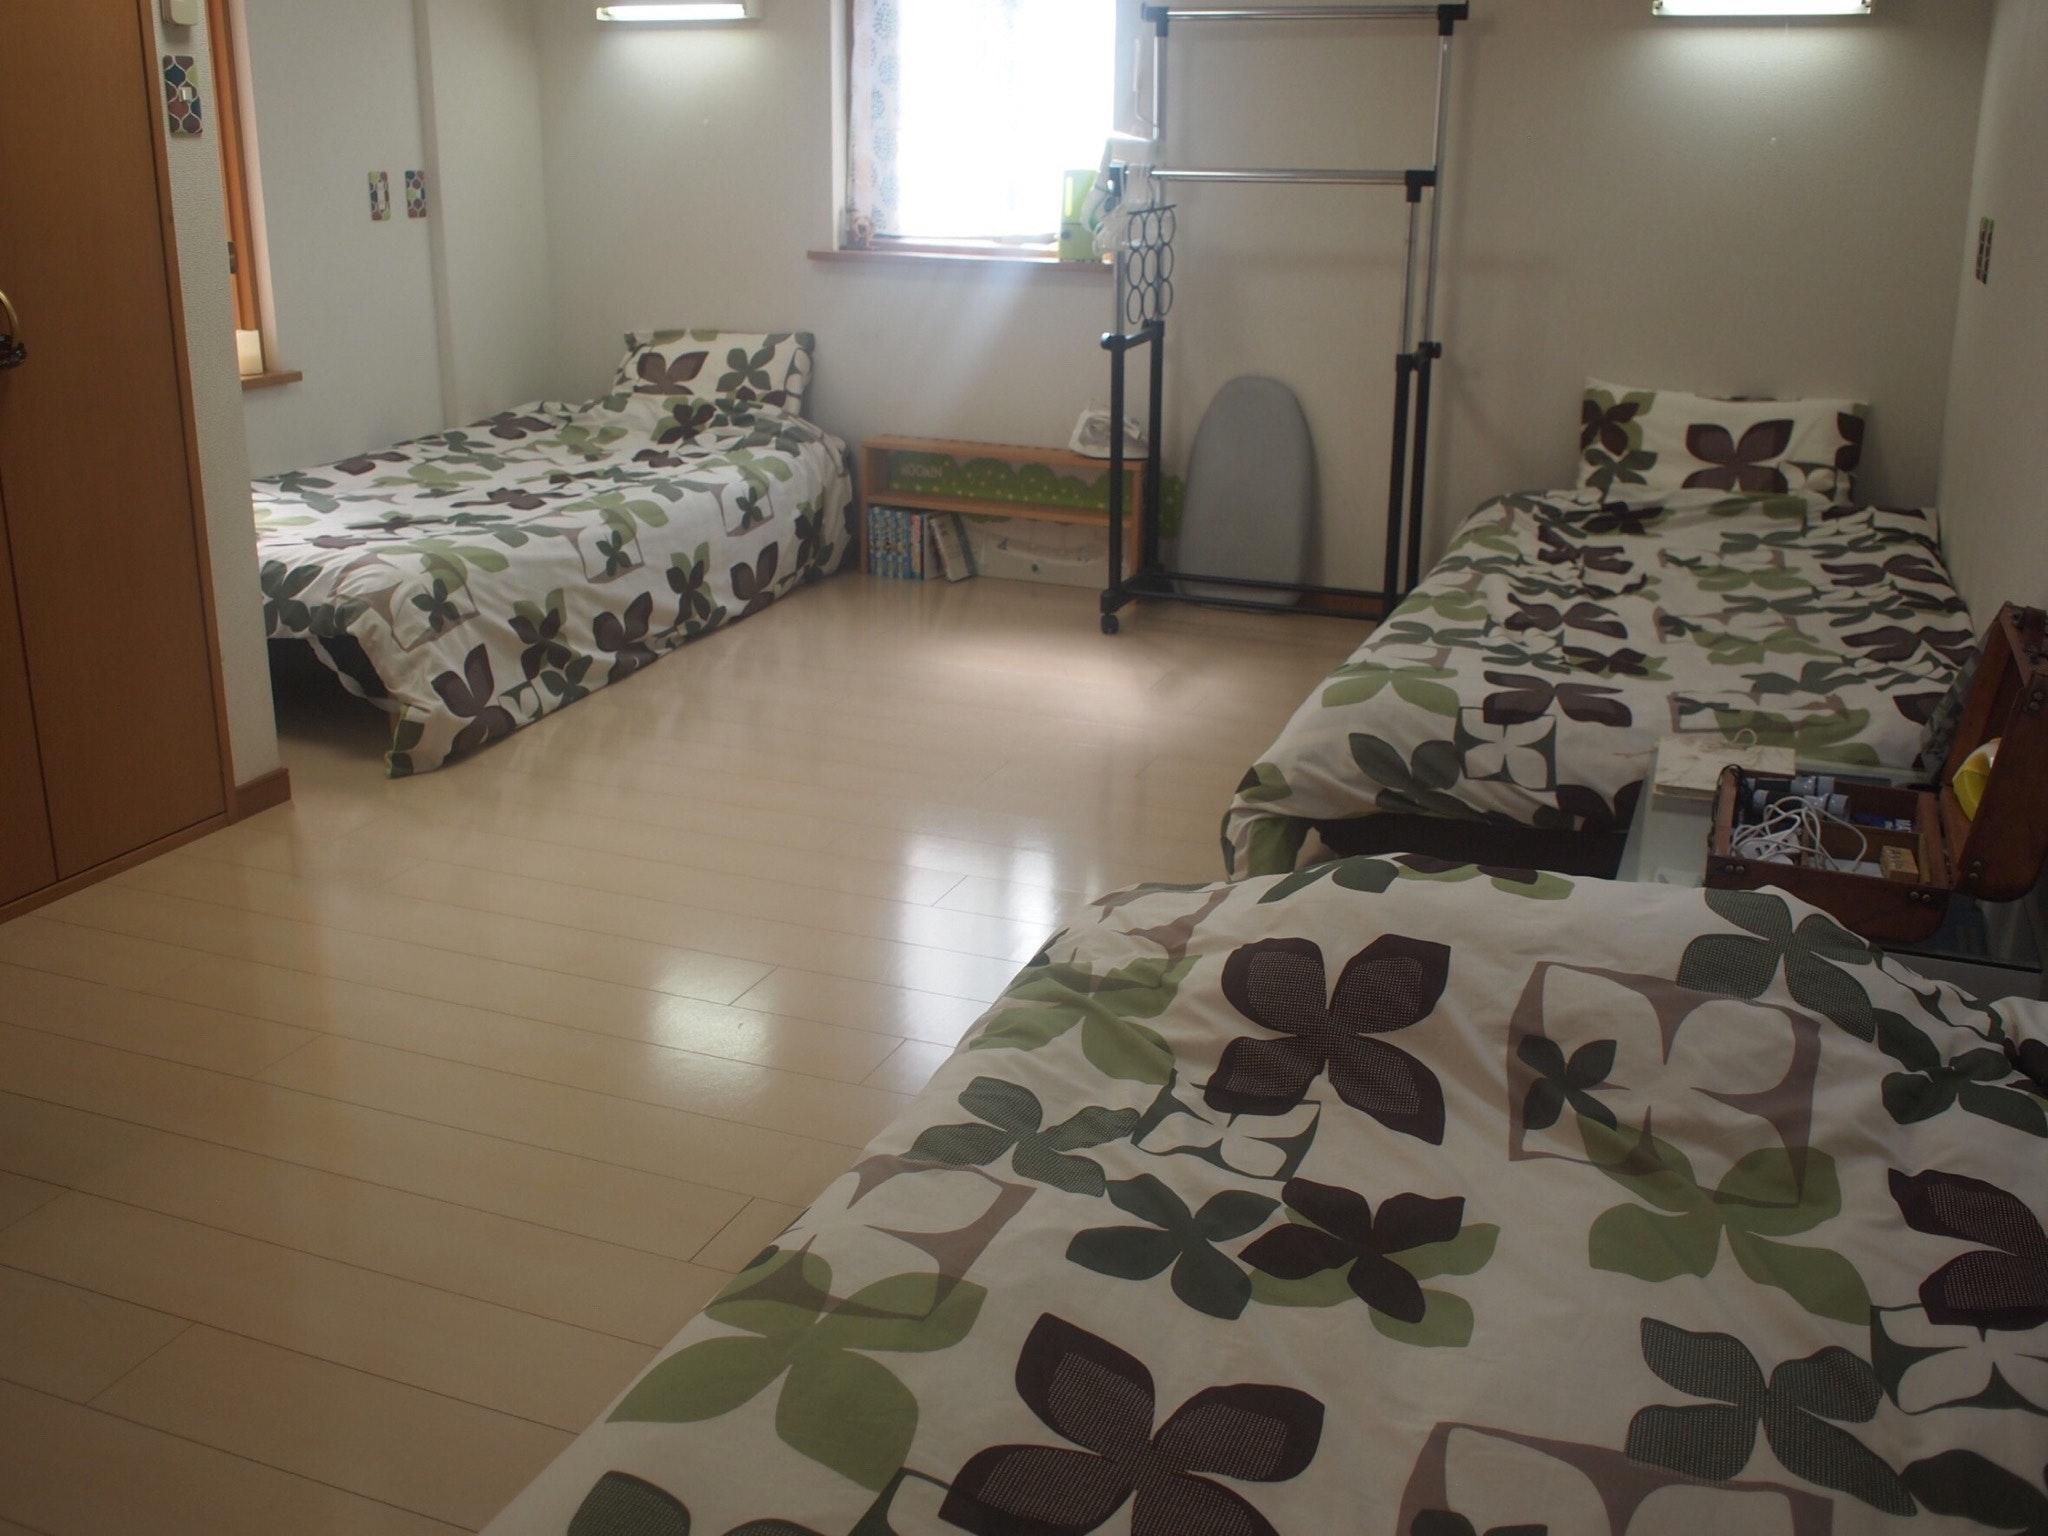 【1日1組限定】貸切で安心!少人数から団体宿泊可/庭付き一軒家